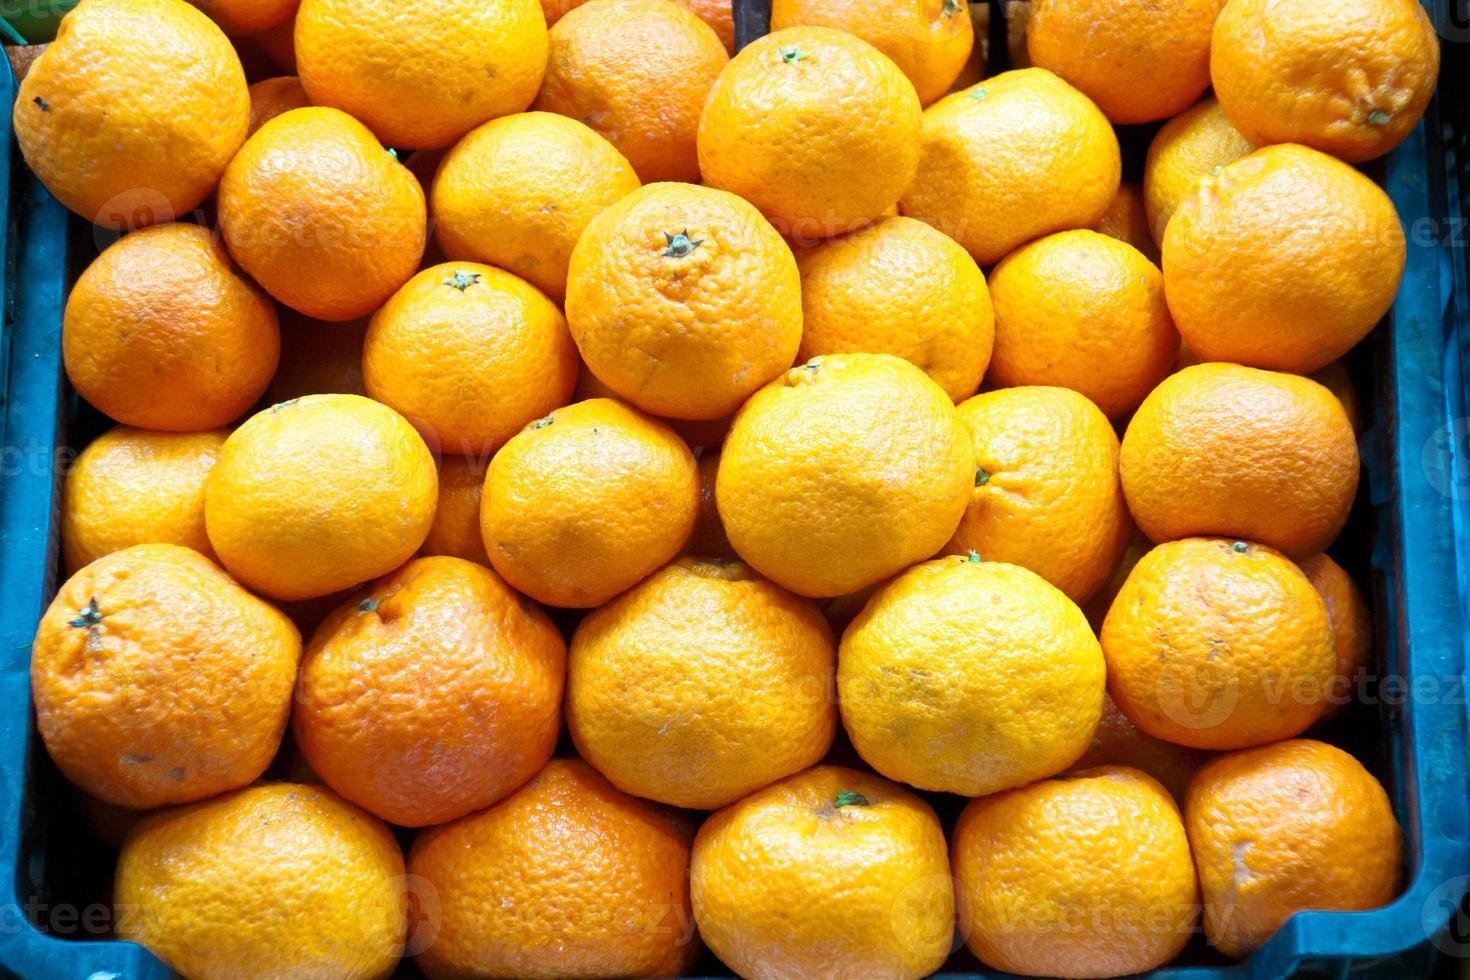 laranjas em um mercado foto